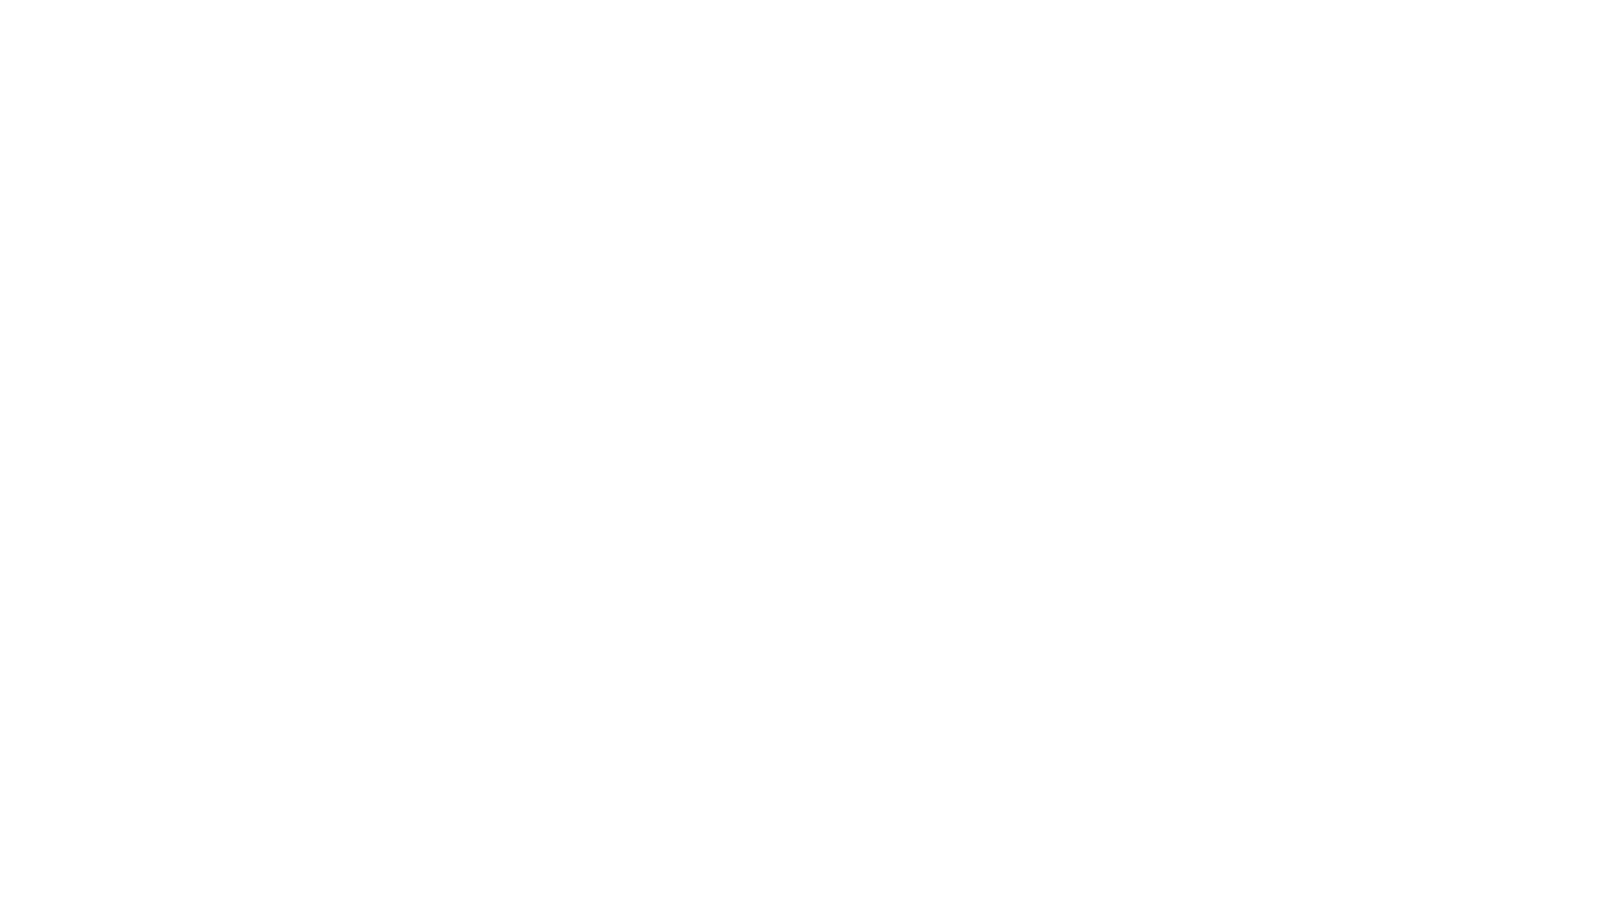 https://corradolauretta.altervista.org/blog/ricetta-lasagne-al-forno-con-purea-di-patate-e-pesto/Pochi ingredienti per un primo piatto di classe. Nella preparazione della pasta al pesto, di solito nell'acqua di cottura aggiungo una o due patate, per poi servirle nel piatto, con il condimento del pesto. Per la preparazione di queste lasagne ho adottato lo stesso procedimento, aggiungendo al condimento del pesto, una purea di patate con l'aggiunta della classica besciamella, ingrediente immancabile nelle lasagne al forno.  Un piatto...Irresistibile.Lasagne al forno con purea di patate e pesto